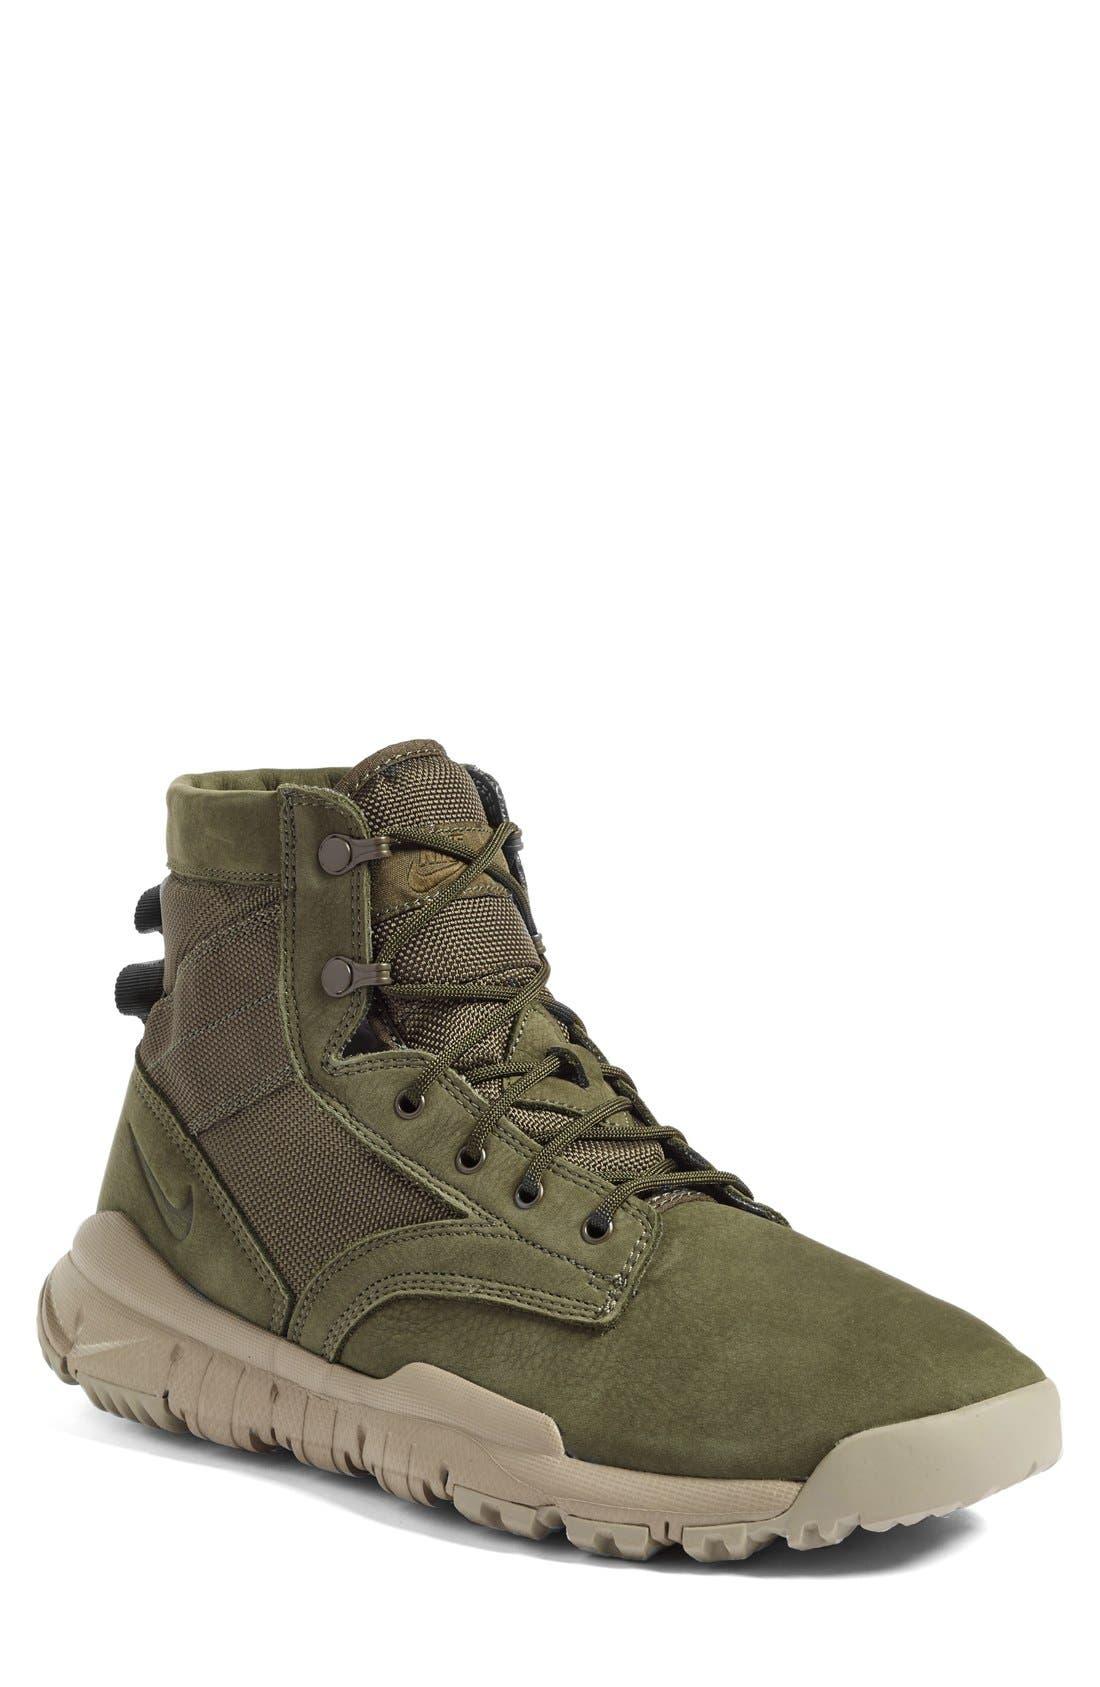 'SFB' Plain Toe Boot,                         Main,                         color, Cargo Khaki/ Cargo Khaki